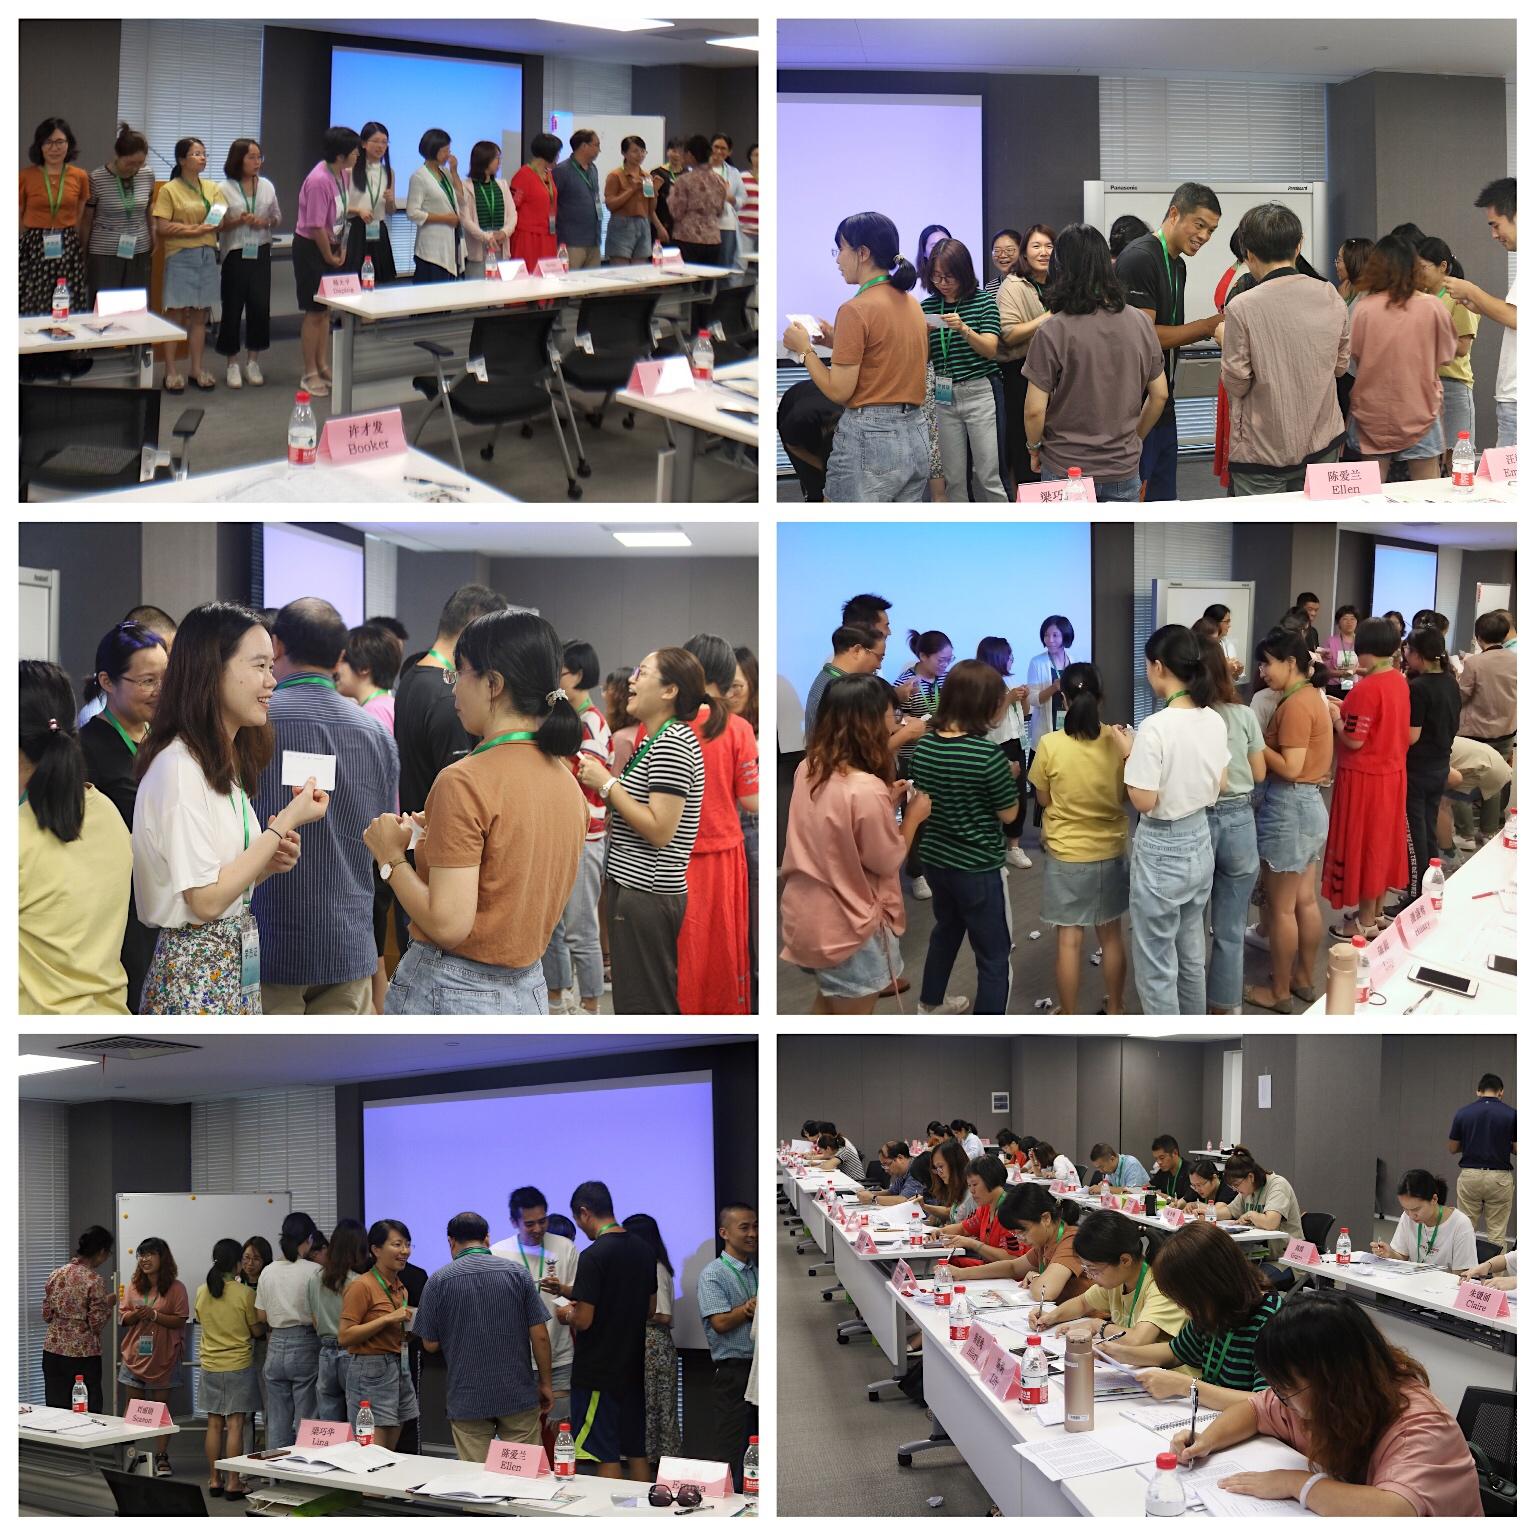 课堂活动 - 丽水市直高中骨干英语教师专业能力(TKT)培训正式启动